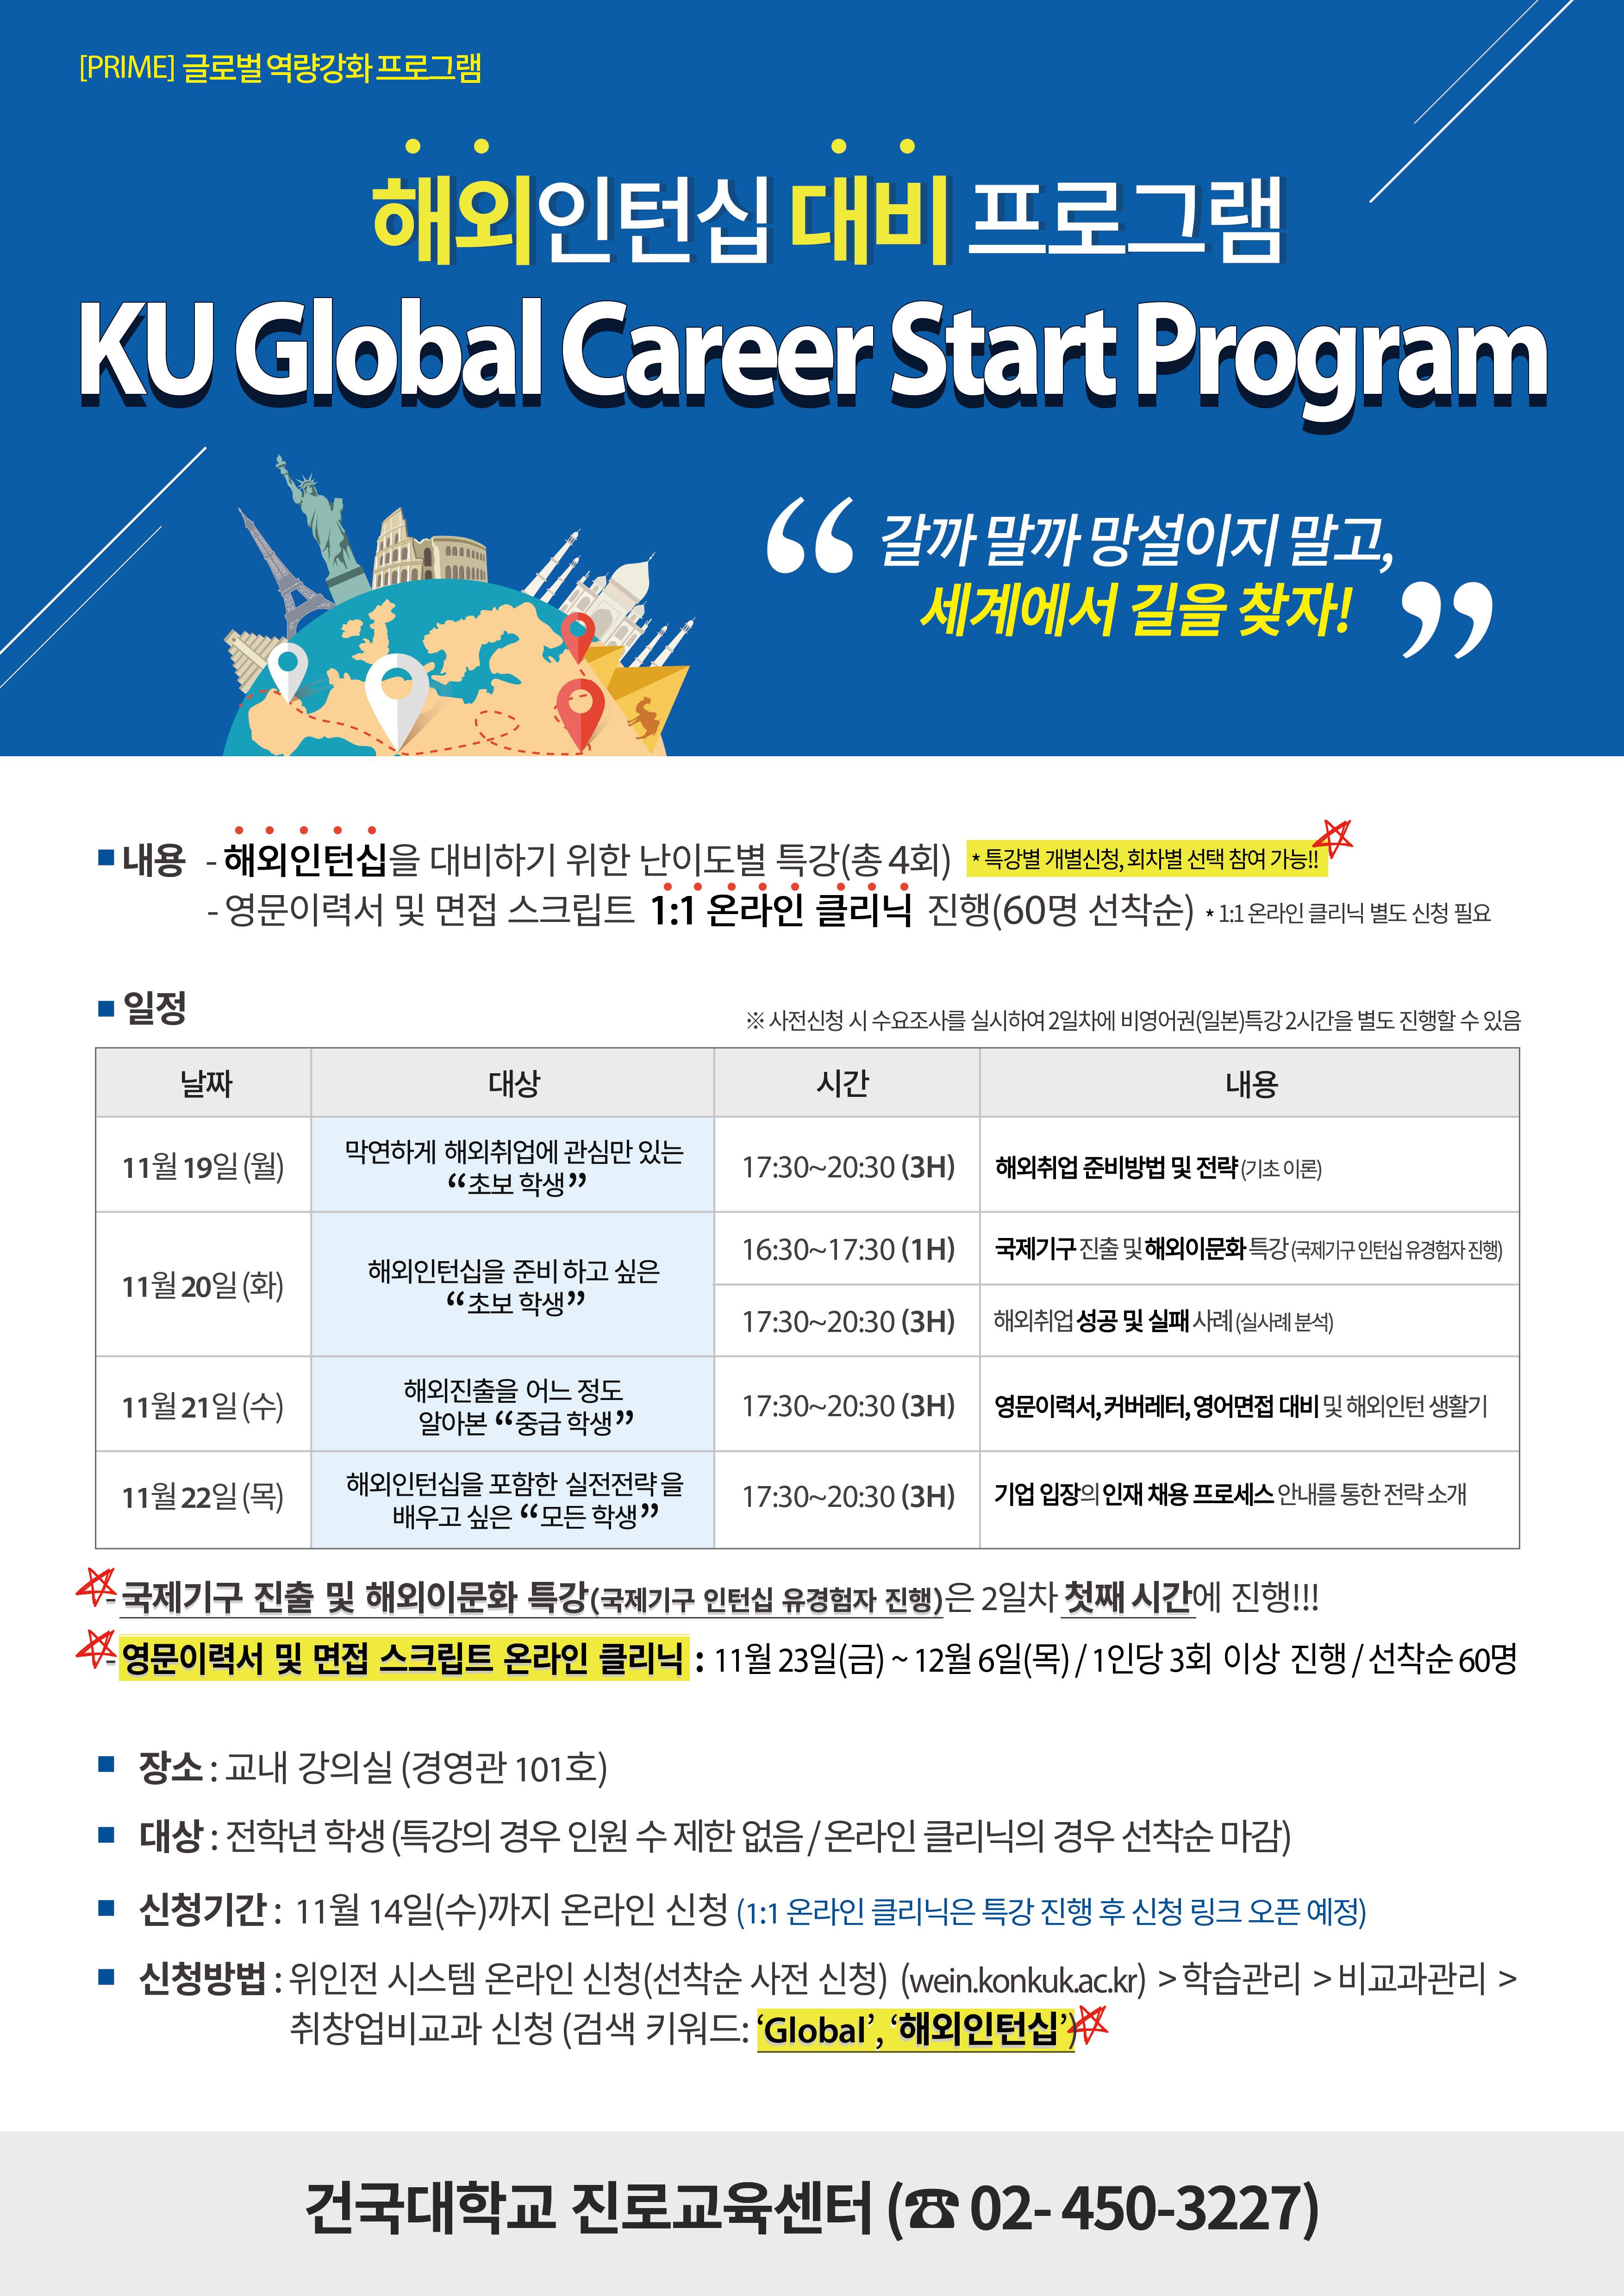 [붙임] 해외인턴십대비 프로그램 포스터_최종.jpg